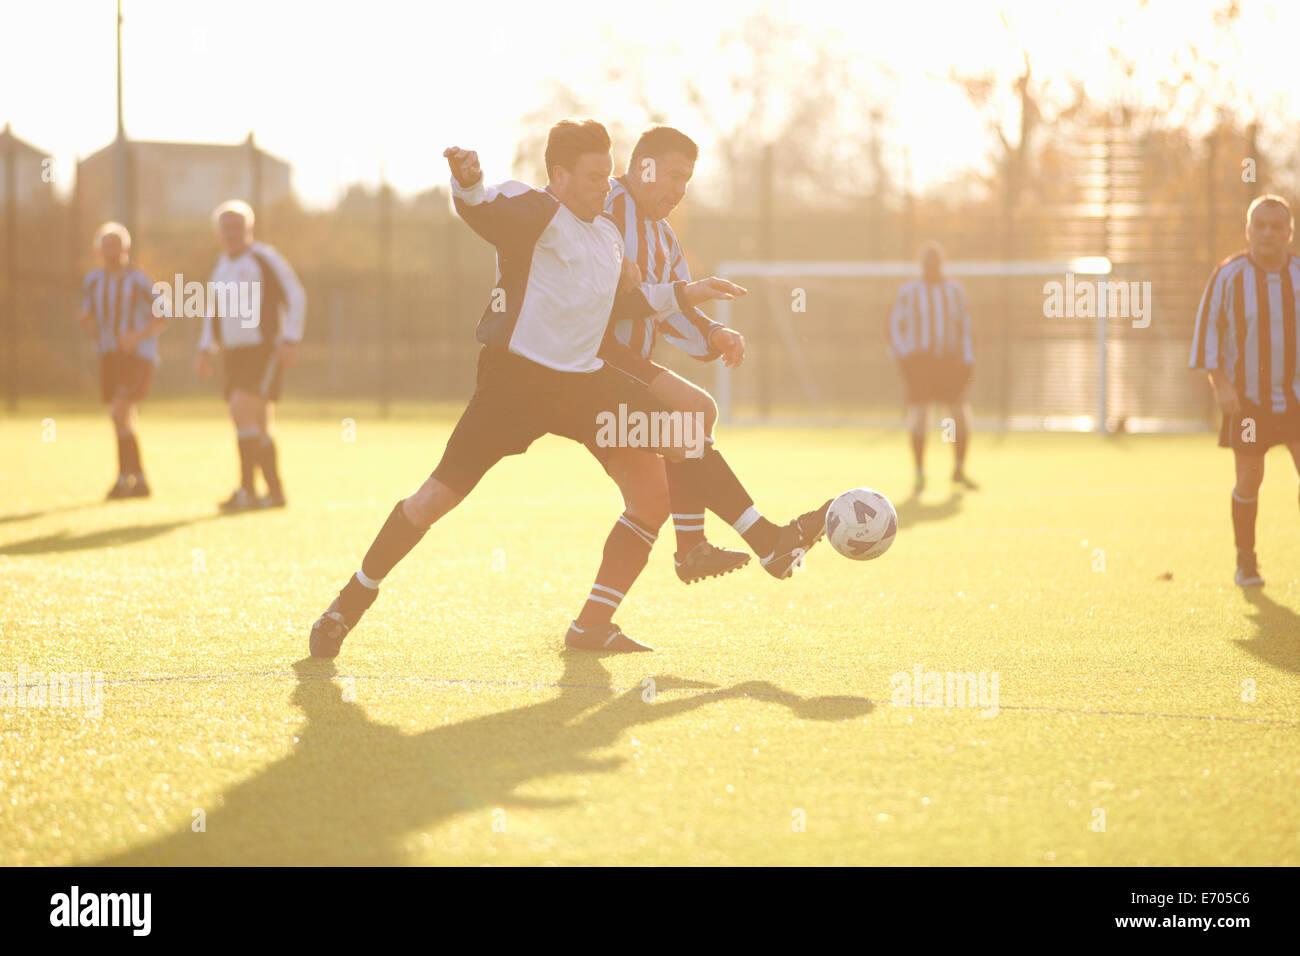 Fußballspieler kämpfen für ball Stockbild